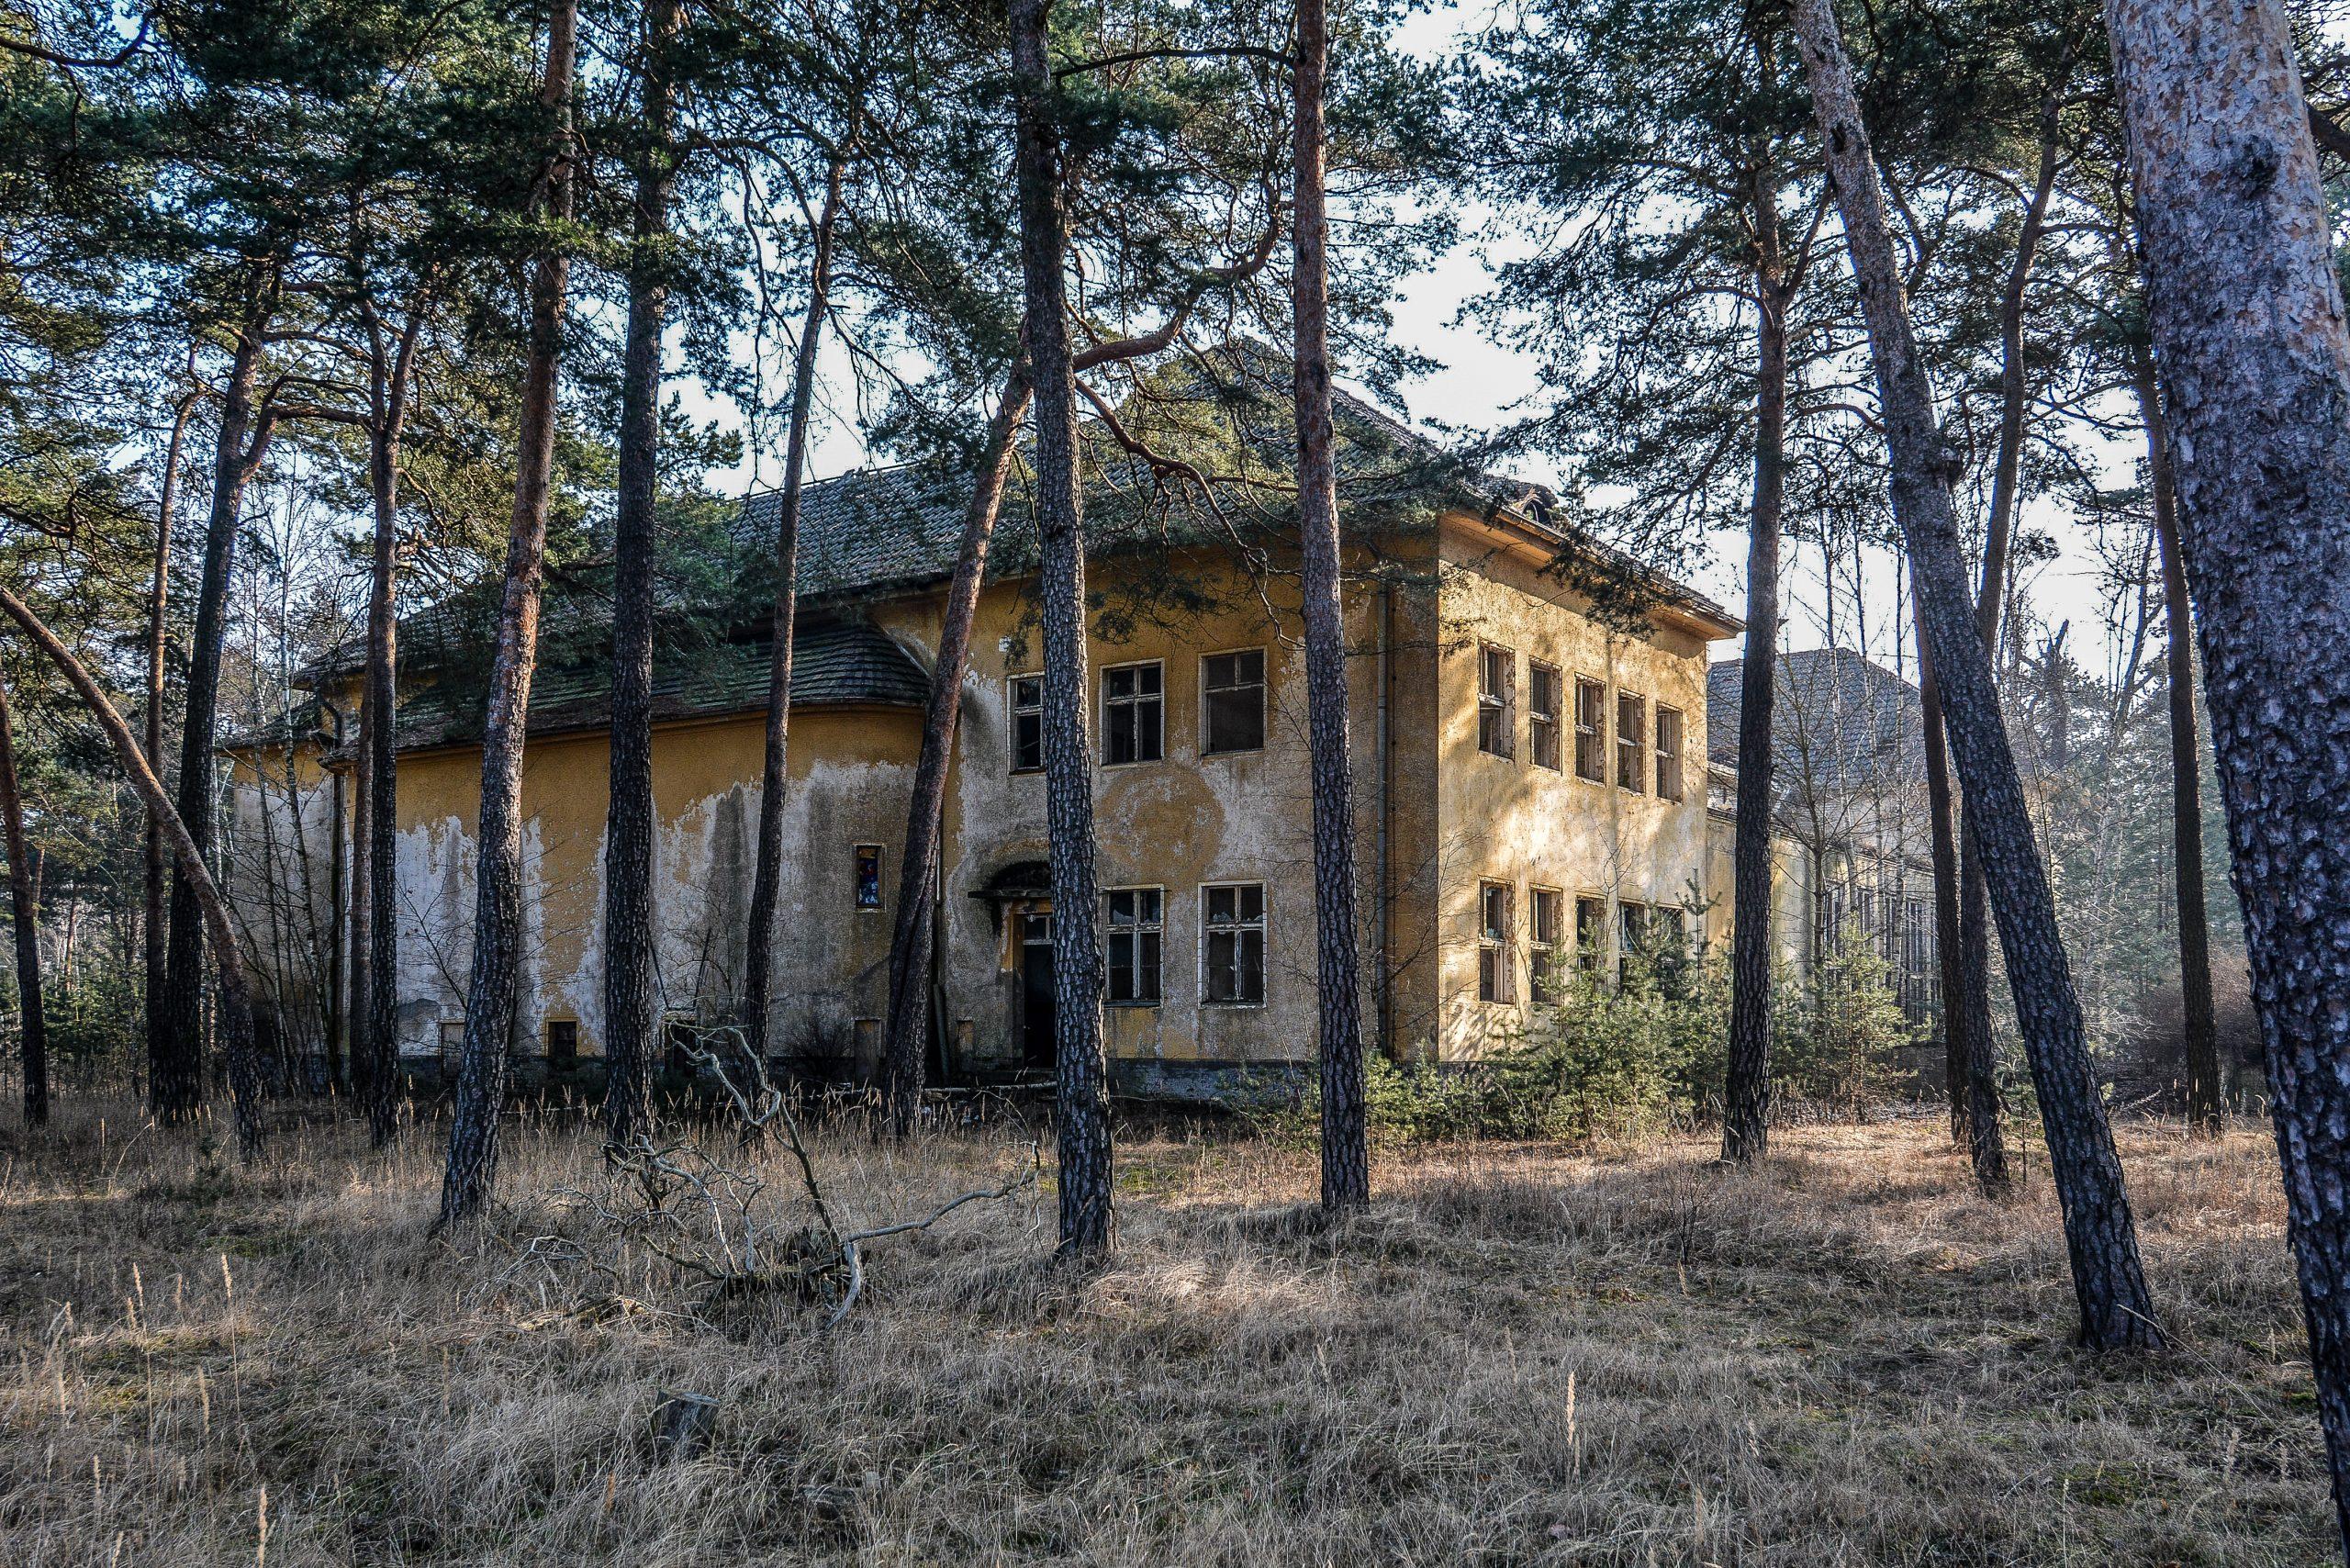 theater forst zinna adolf hitler lager luckenwalde juterbog sowjet kaserne soviet military barracks germany lost places urbex abandoned